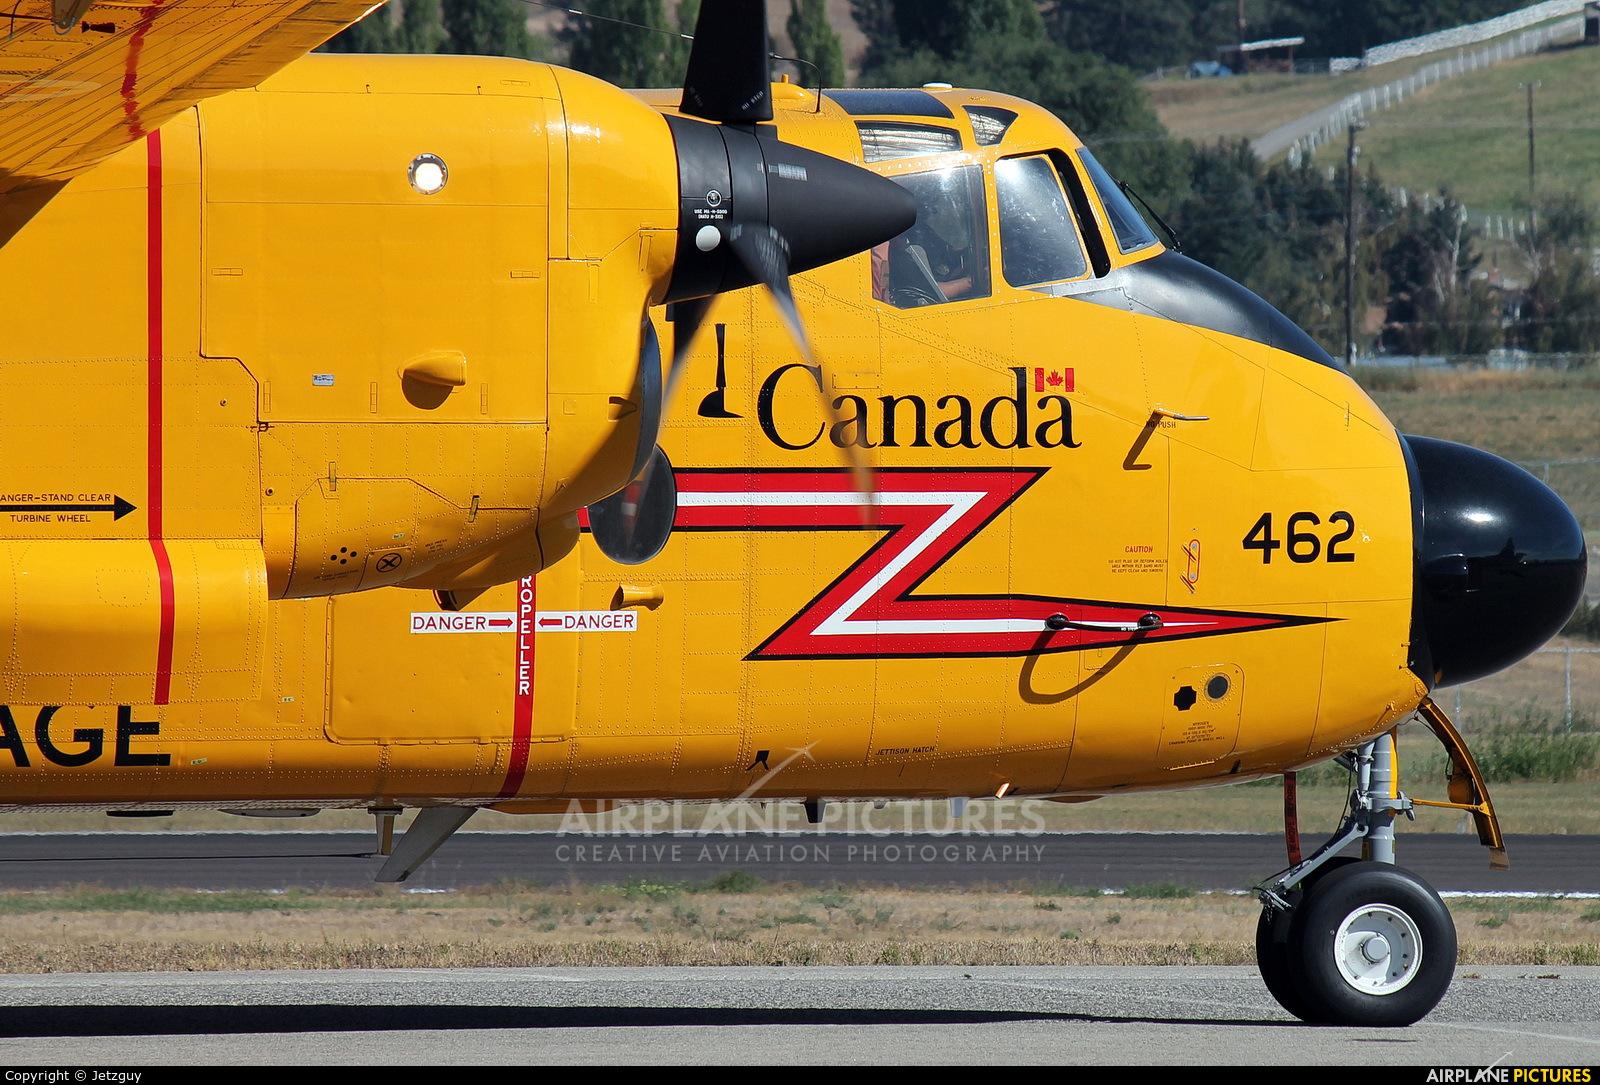 Canada - Air Force 115462 aircraft at Kelowna, BC